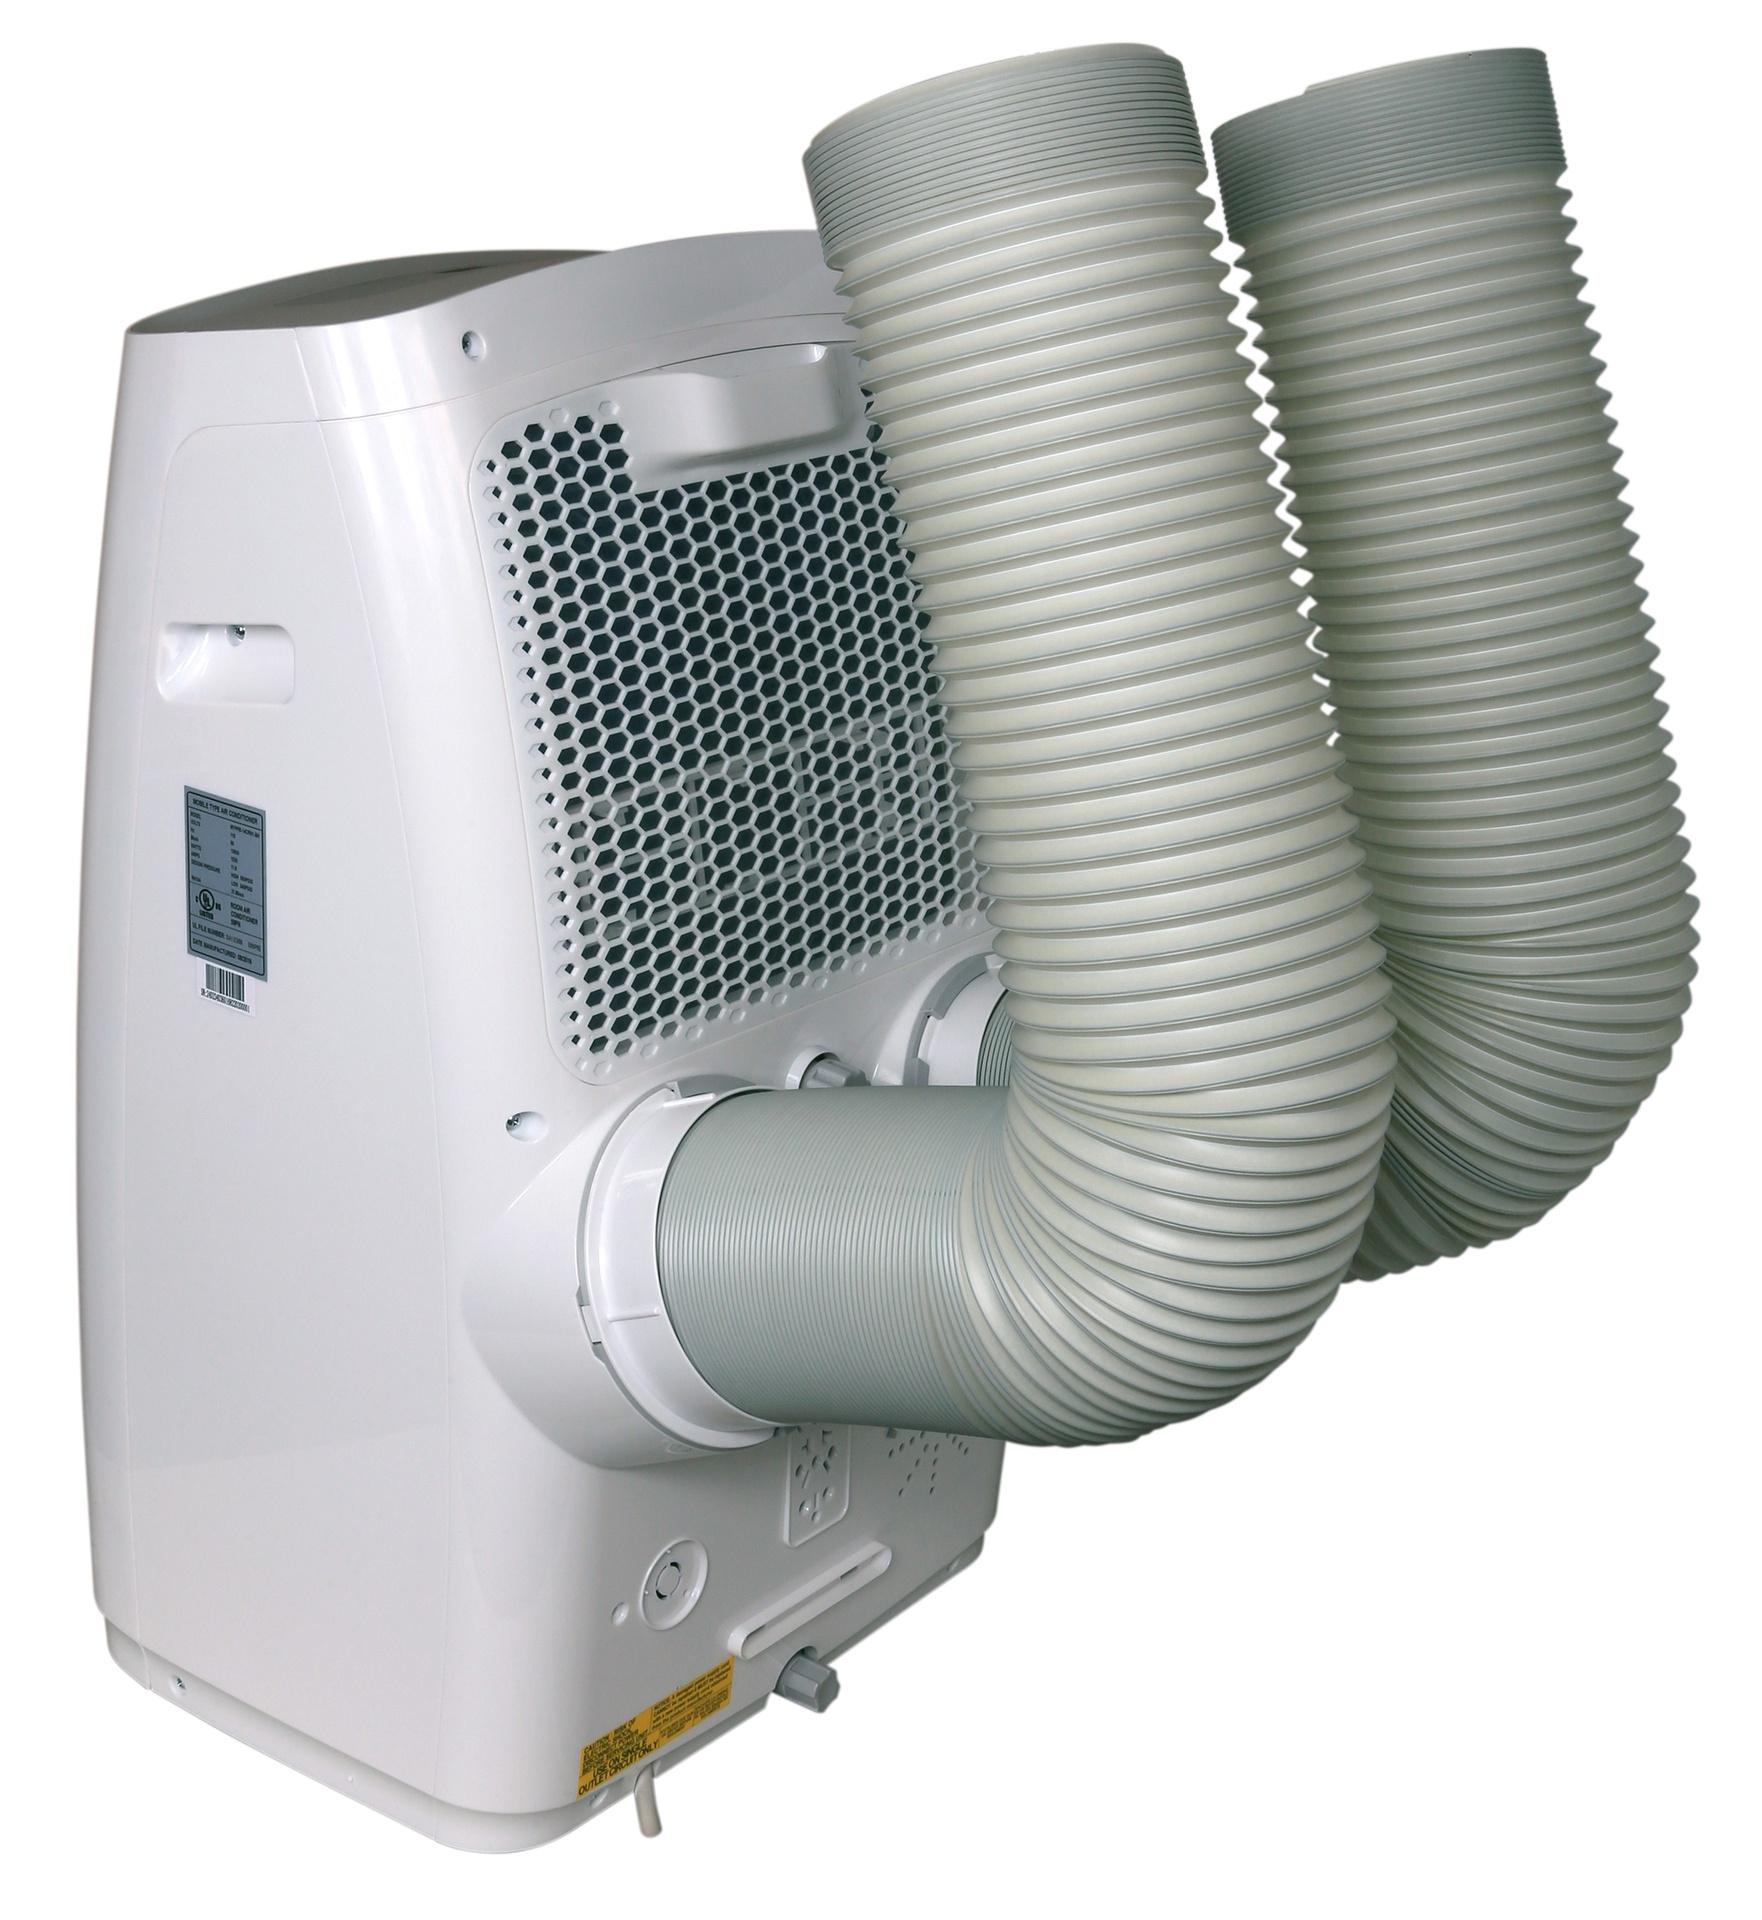 Ideal-Air™ Dual Hose Portable Air Conditioner 14000 BTU  sc 1 st  Good Hope Hydroponics & Ideal-Air™ Dual Hose Portable Air Conditioner 14000 BTU | Good Hope ...